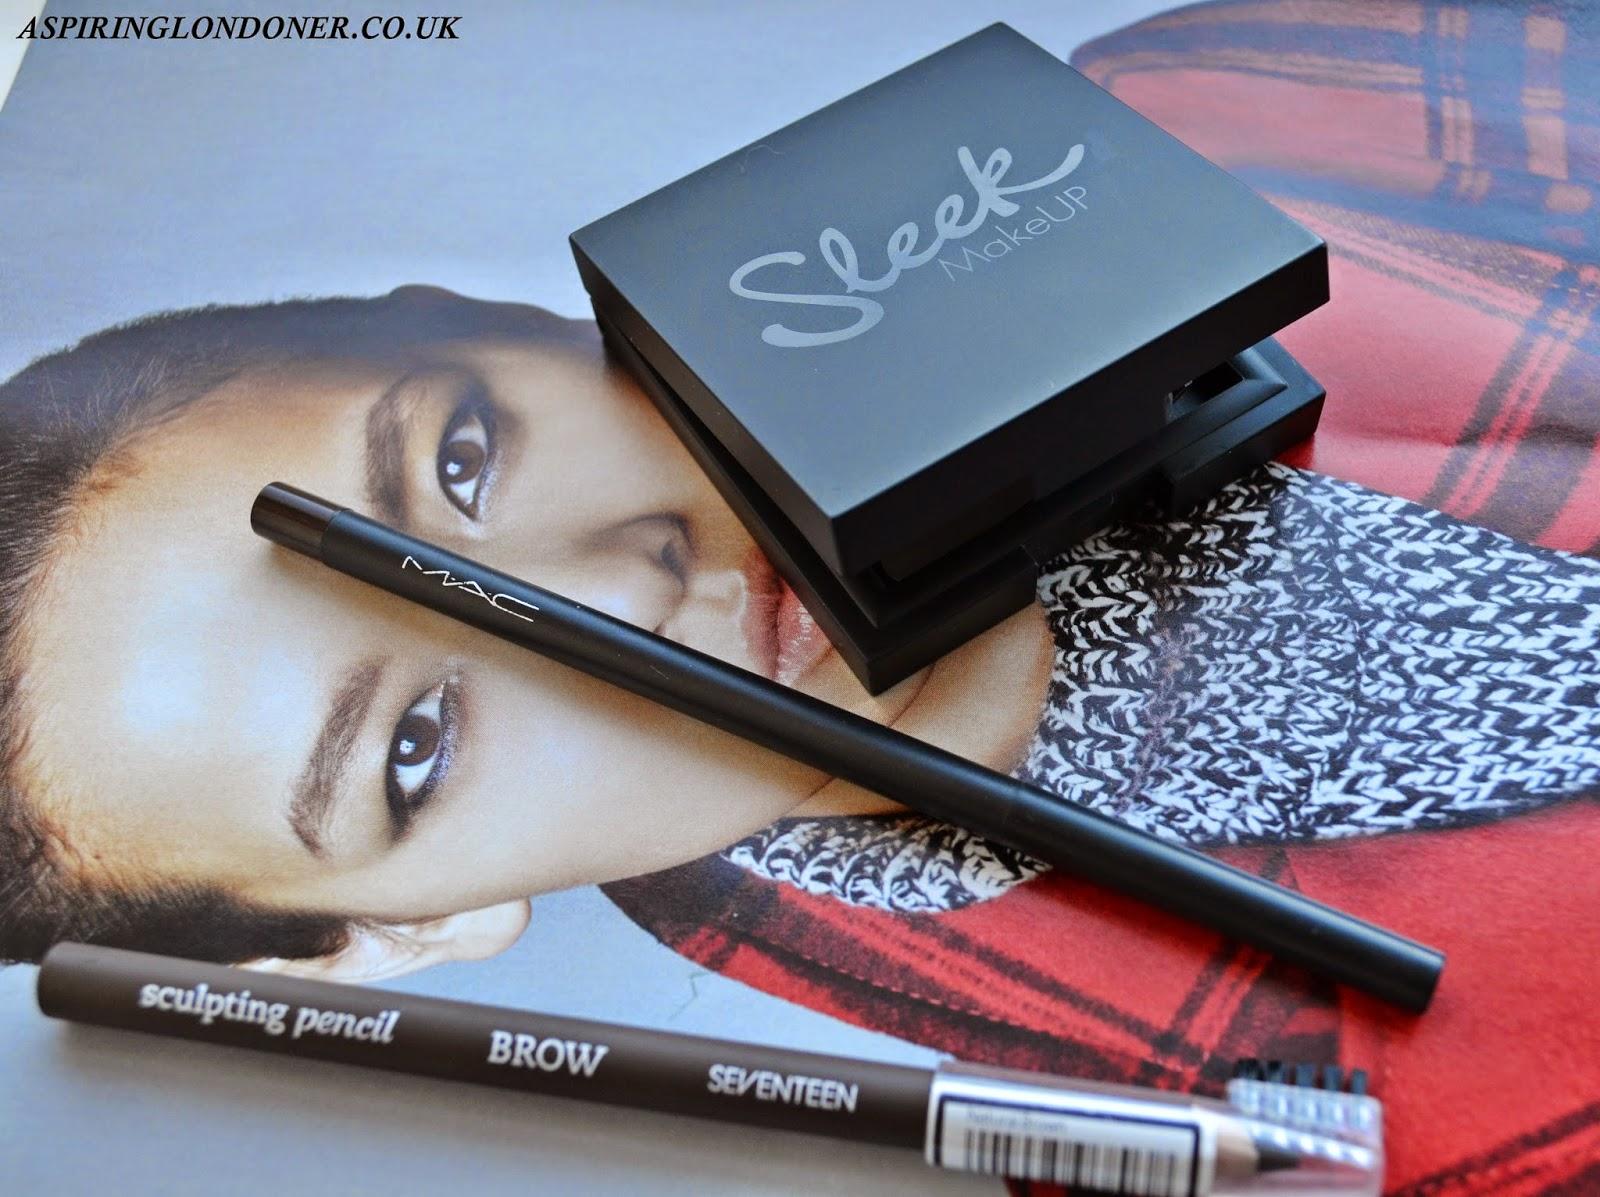 Brows 101 ft. Sleek Makeup Brow Kit, MAC Eyebrow Pencil, Seventeen Sculpting Brow Pencil Review - Aspiring Londoner